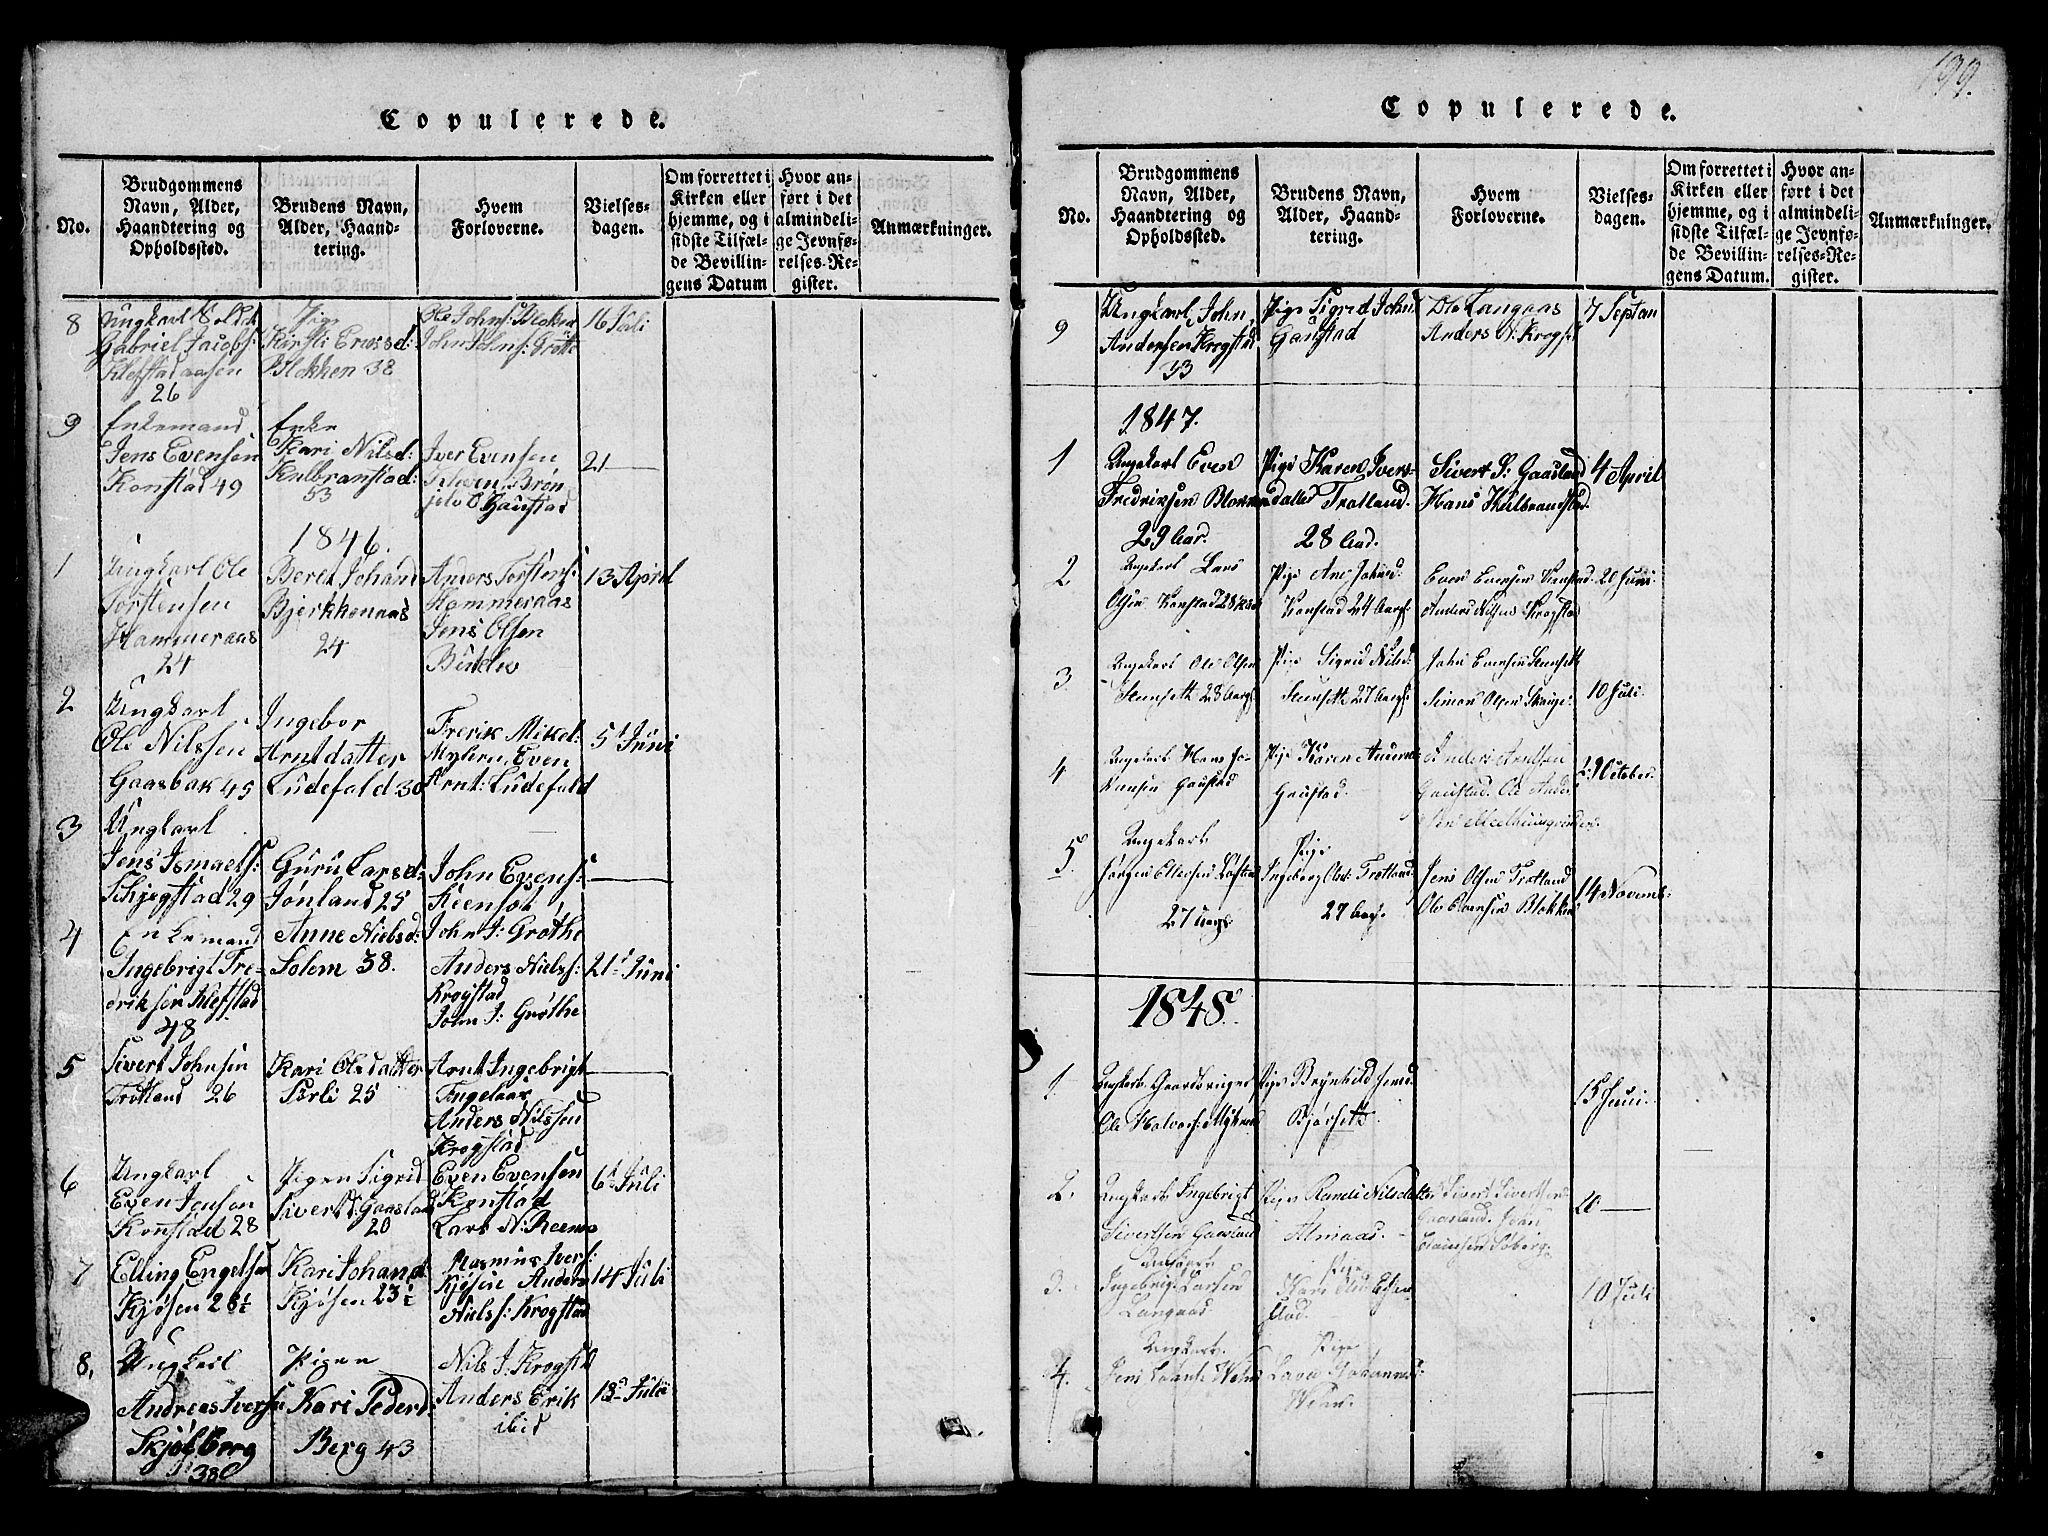 SAT, Ministerialprotokoller, klokkerbøker og fødselsregistre - Sør-Trøndelag, 694/L1130: Klokkerbok nr. 694C02, 1816-1857, s. 199